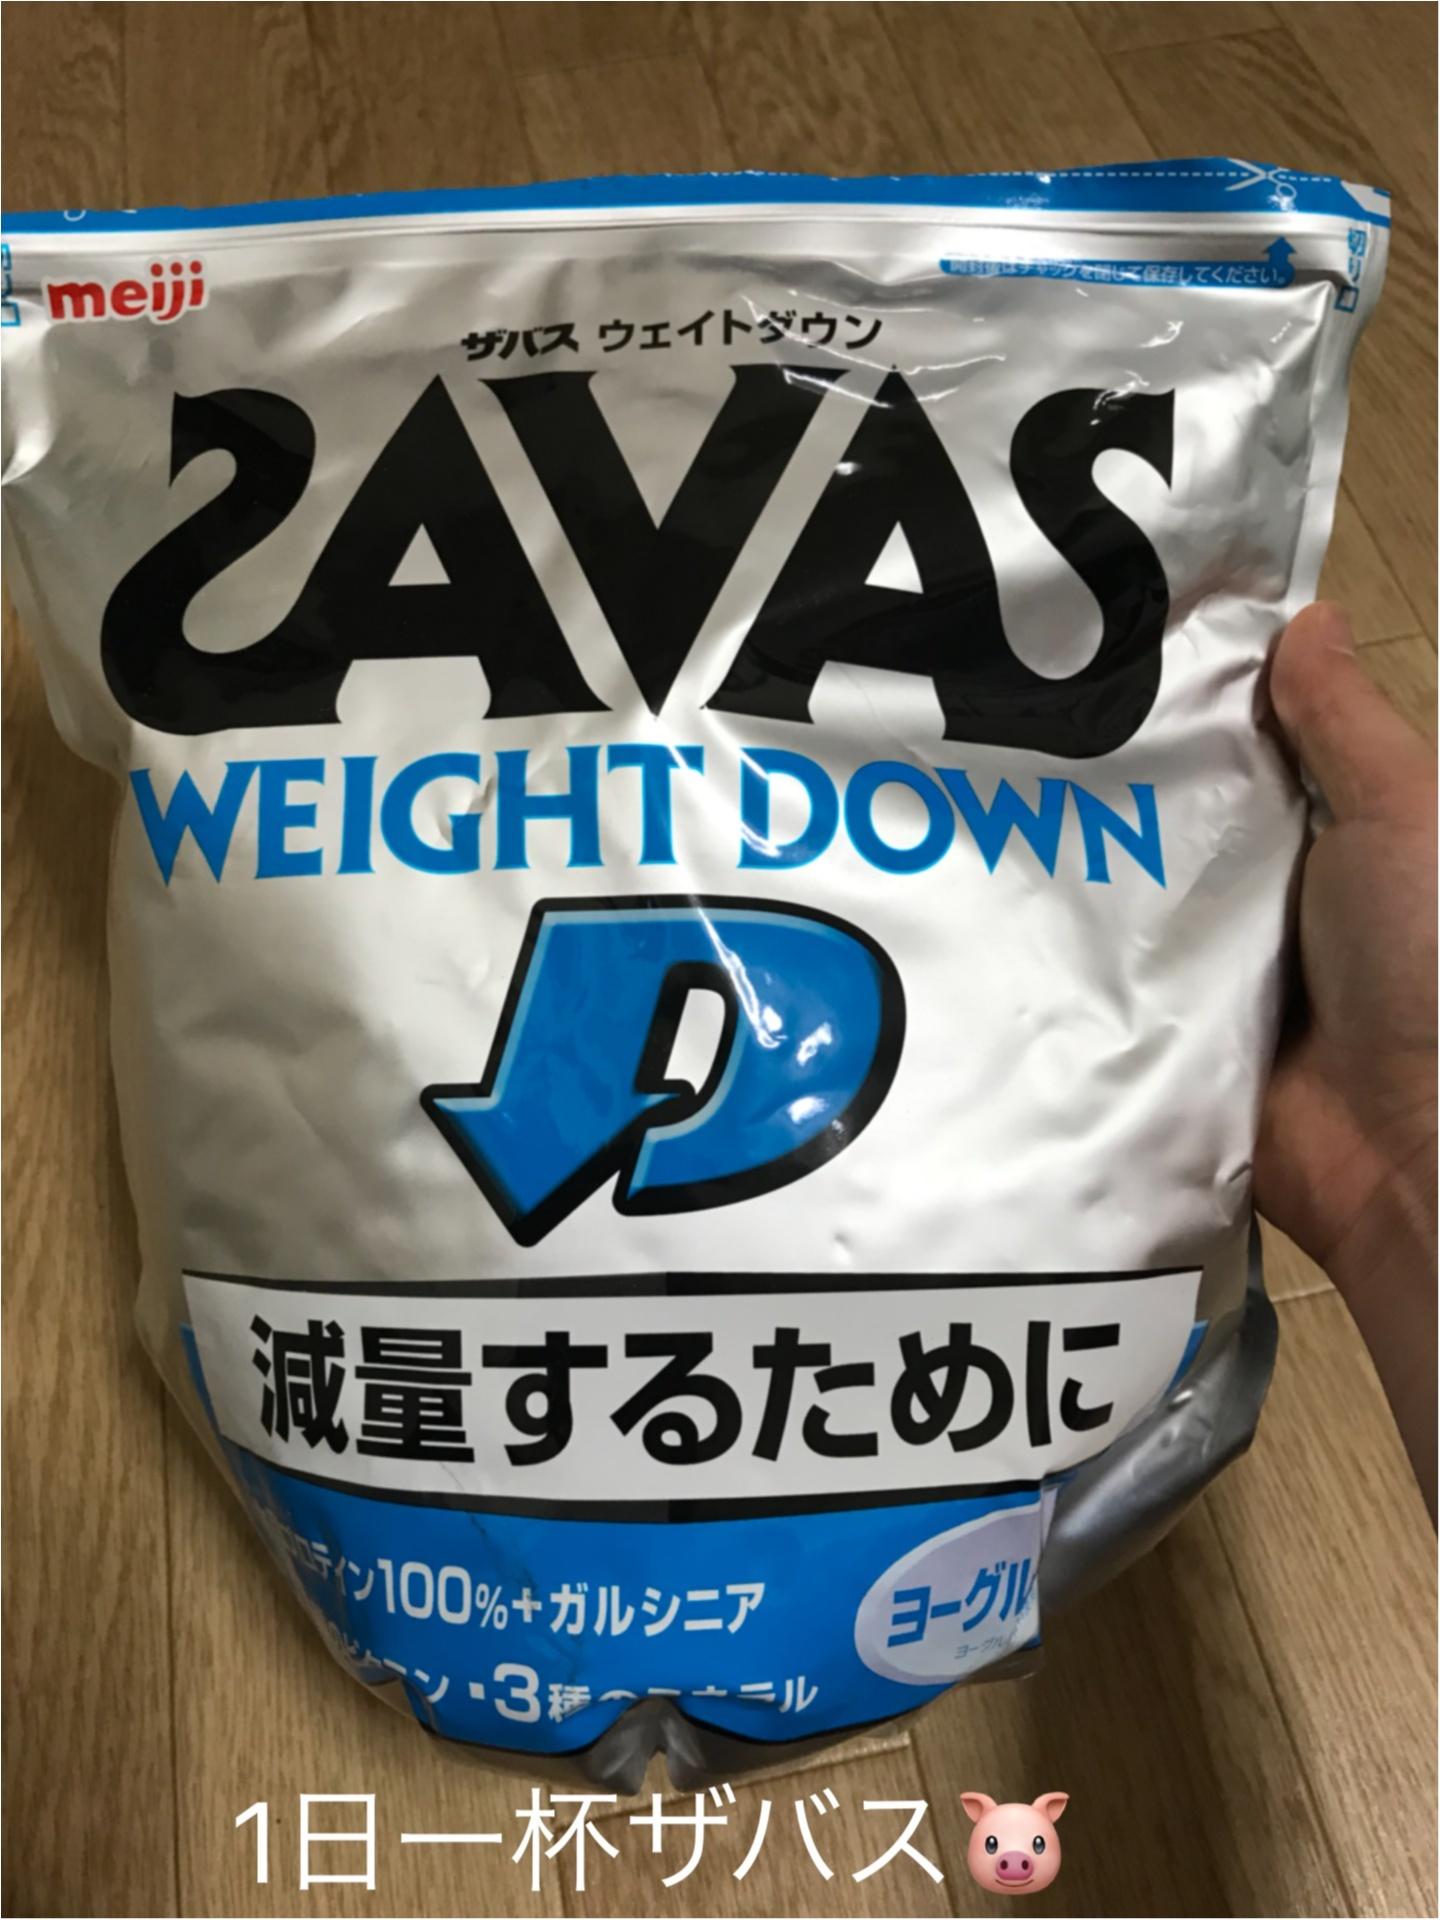 合計 −40.6cm!!!!『瞬間サイズダウンダイエット』 MORE11月号に私が載ってます(^^)【#モアチャレ 7キロ痩せ】_4